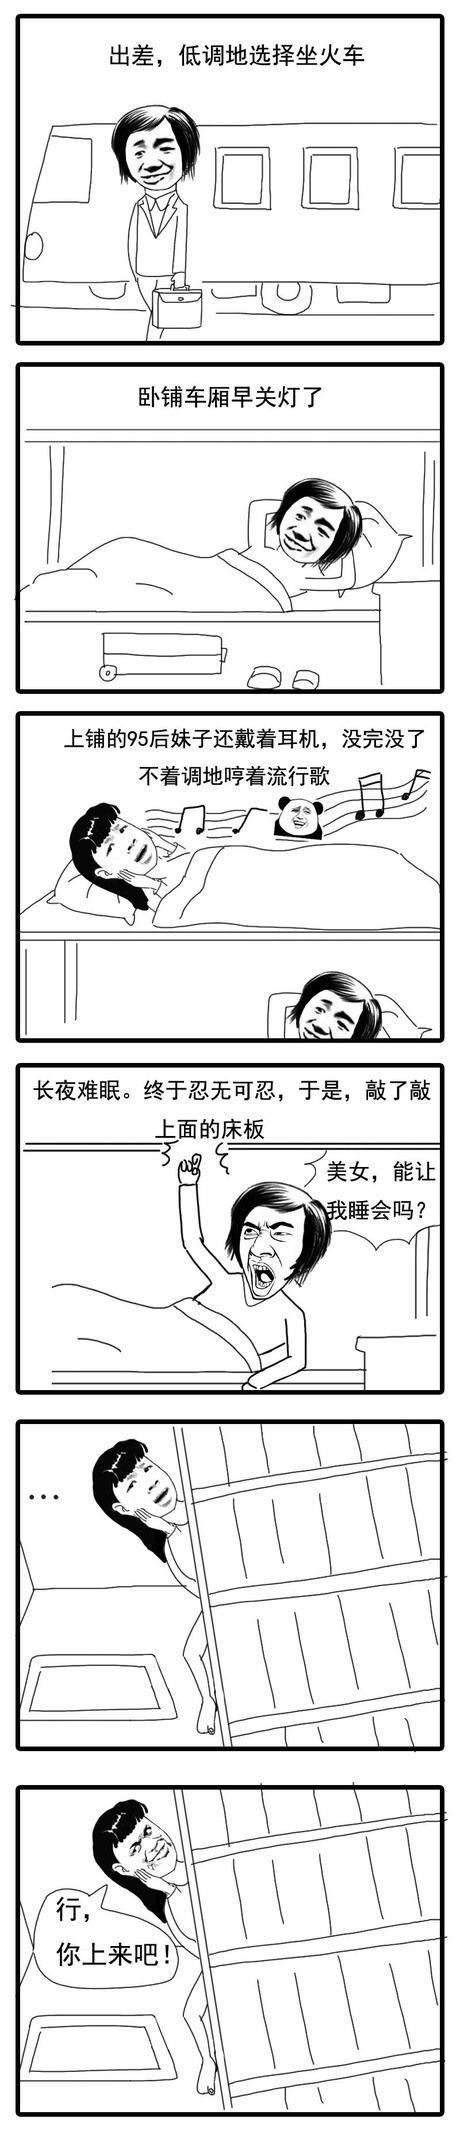 暴走漫画:情人节妹子却孤身买黄瓜?